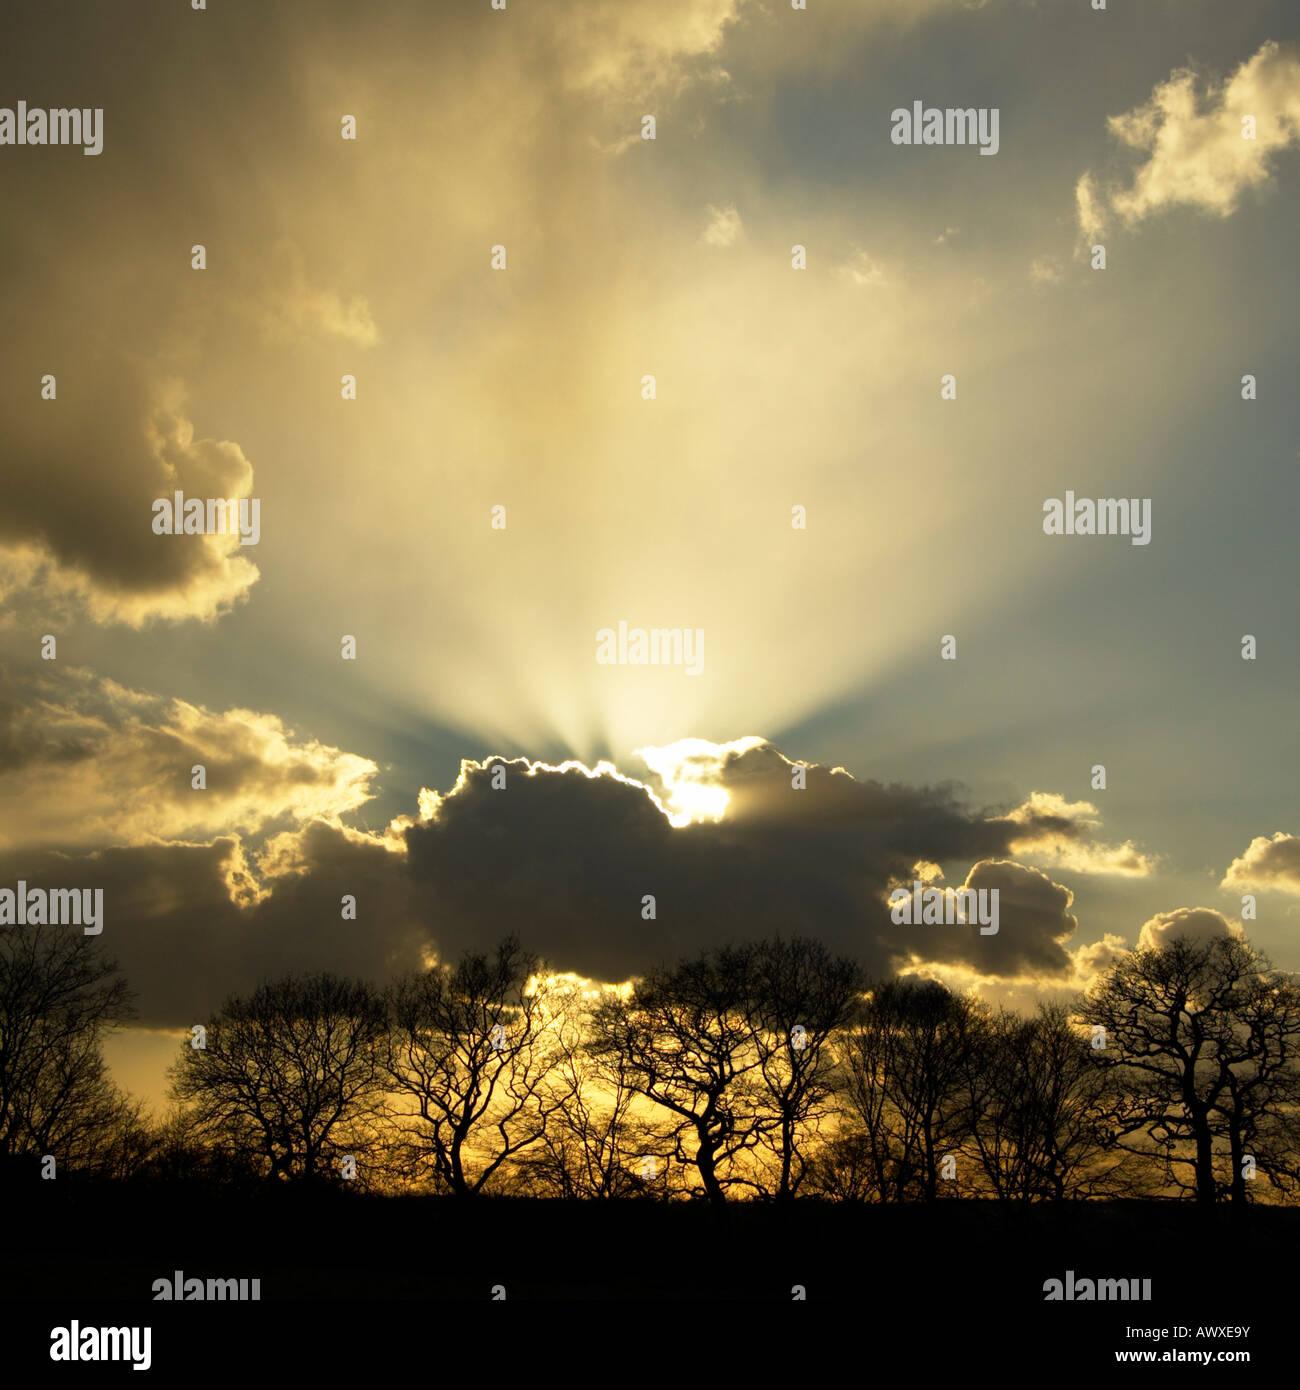 Nel tardo pomeriggio rottura sole da dietro le nuvole scure, con raggi crepuscolari e stagliano alberi. Immagini Stock